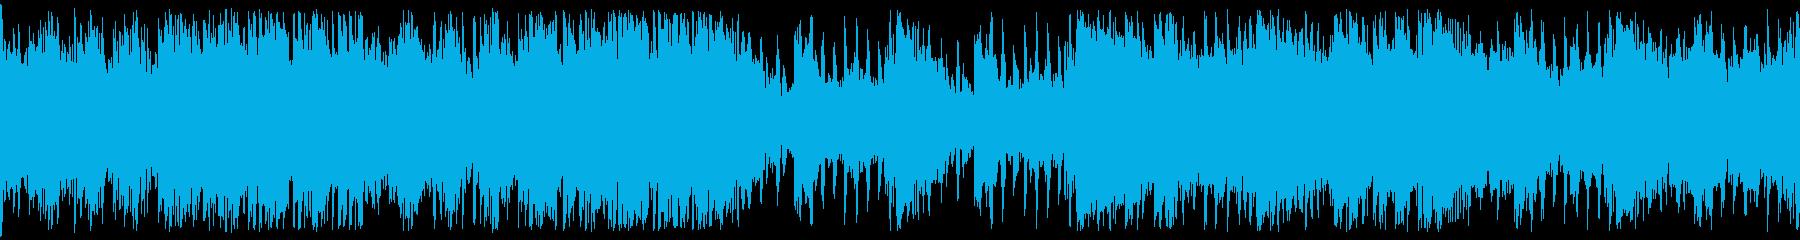 その名の通り『ヤるかヤられるか』なBGMの再生済みの波形